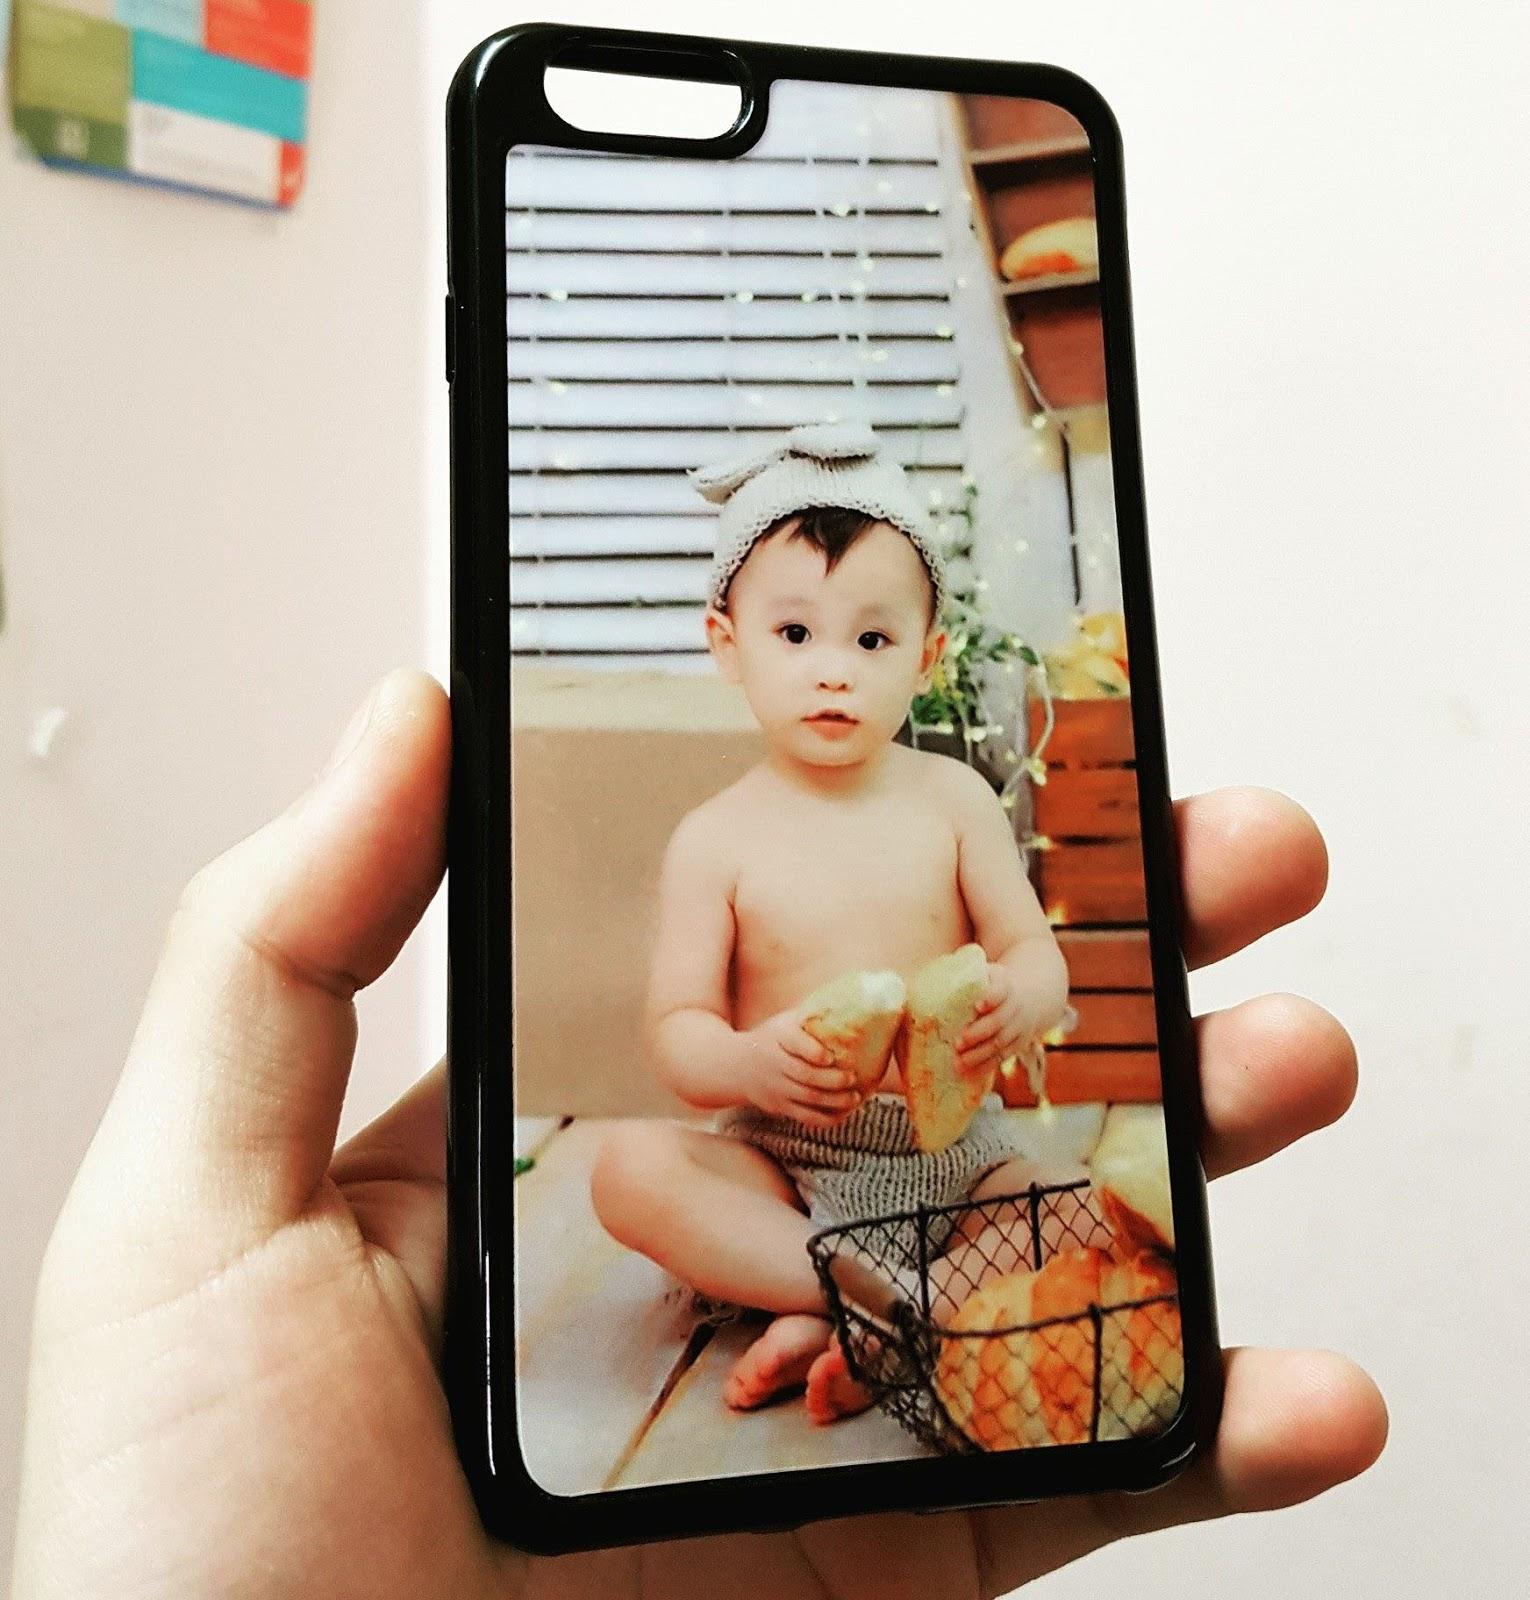 Ốp lưng không đơn giản là bảo vệ điện thoại mà còn là \u201clớp áo\u201d tuyệt đẹp bên ngoài, giúp tôn vinh thêm đẳng cấp của \u201cdế yêu\u201d. Những hình ảnh dễ ...